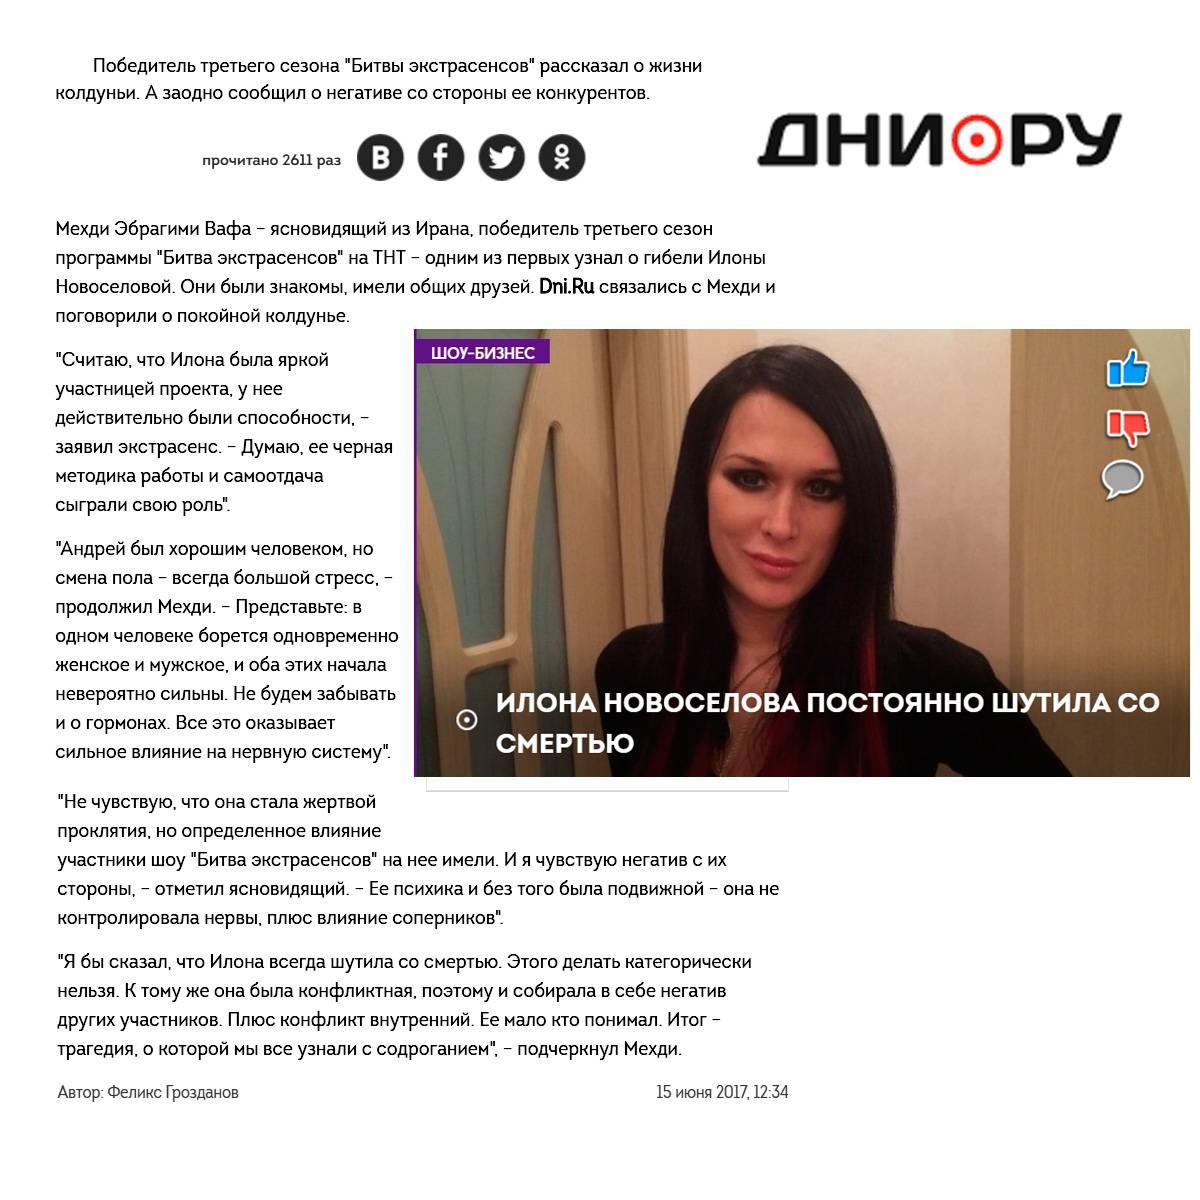 Илона новоселова - биография, информация, личная жизнь, фото, видео